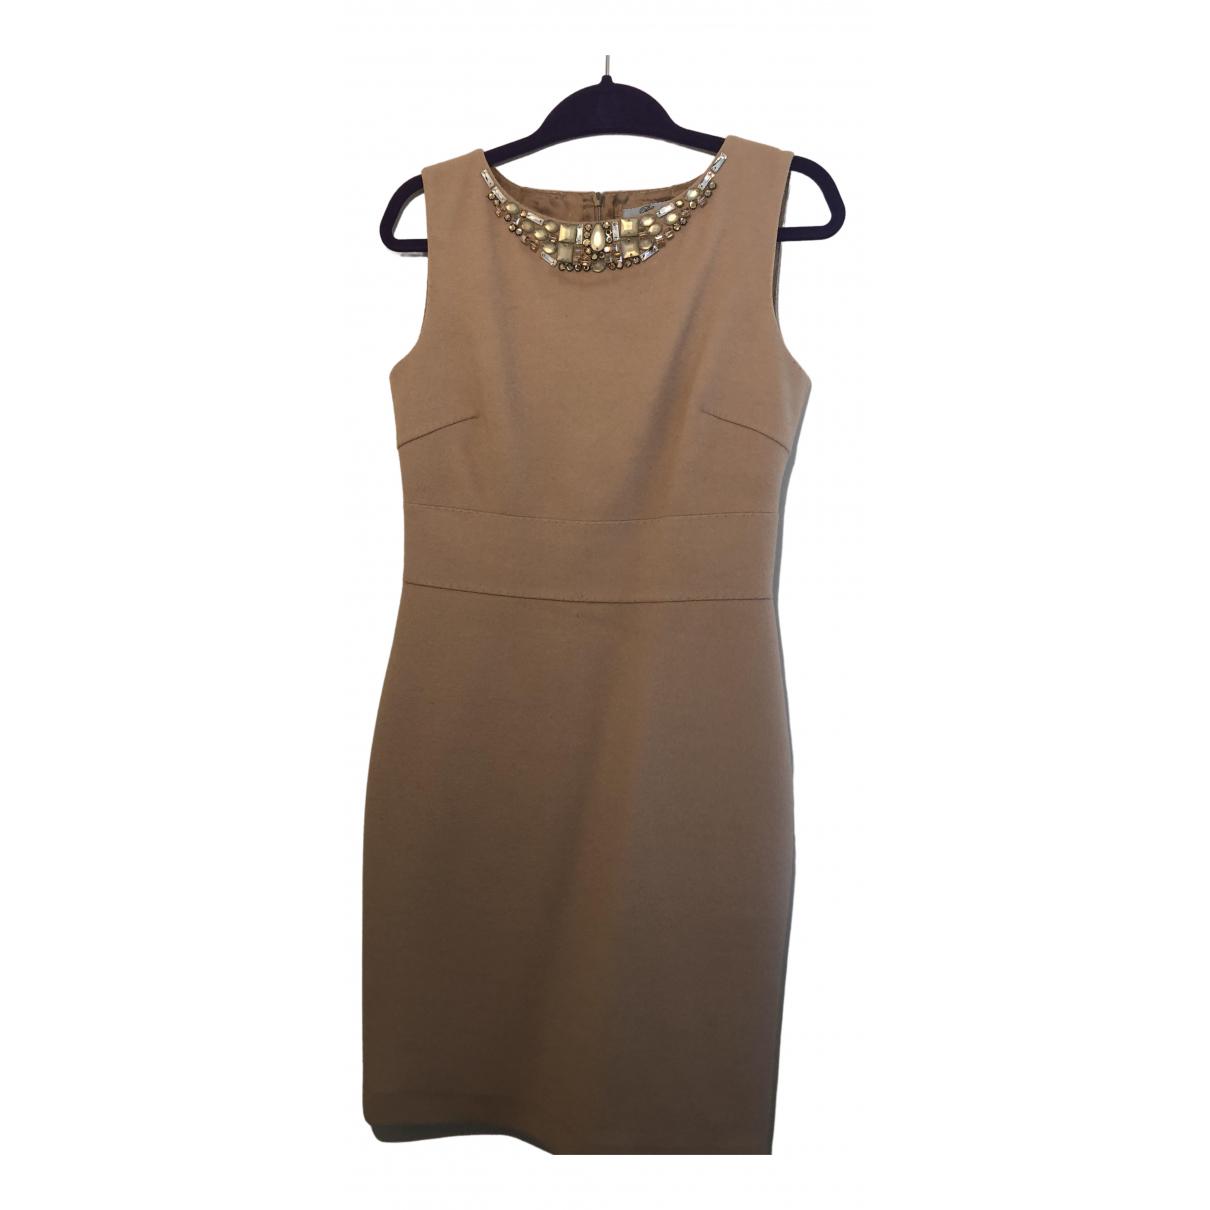 Blumarine \N Kleid in  Beige Kaschmir